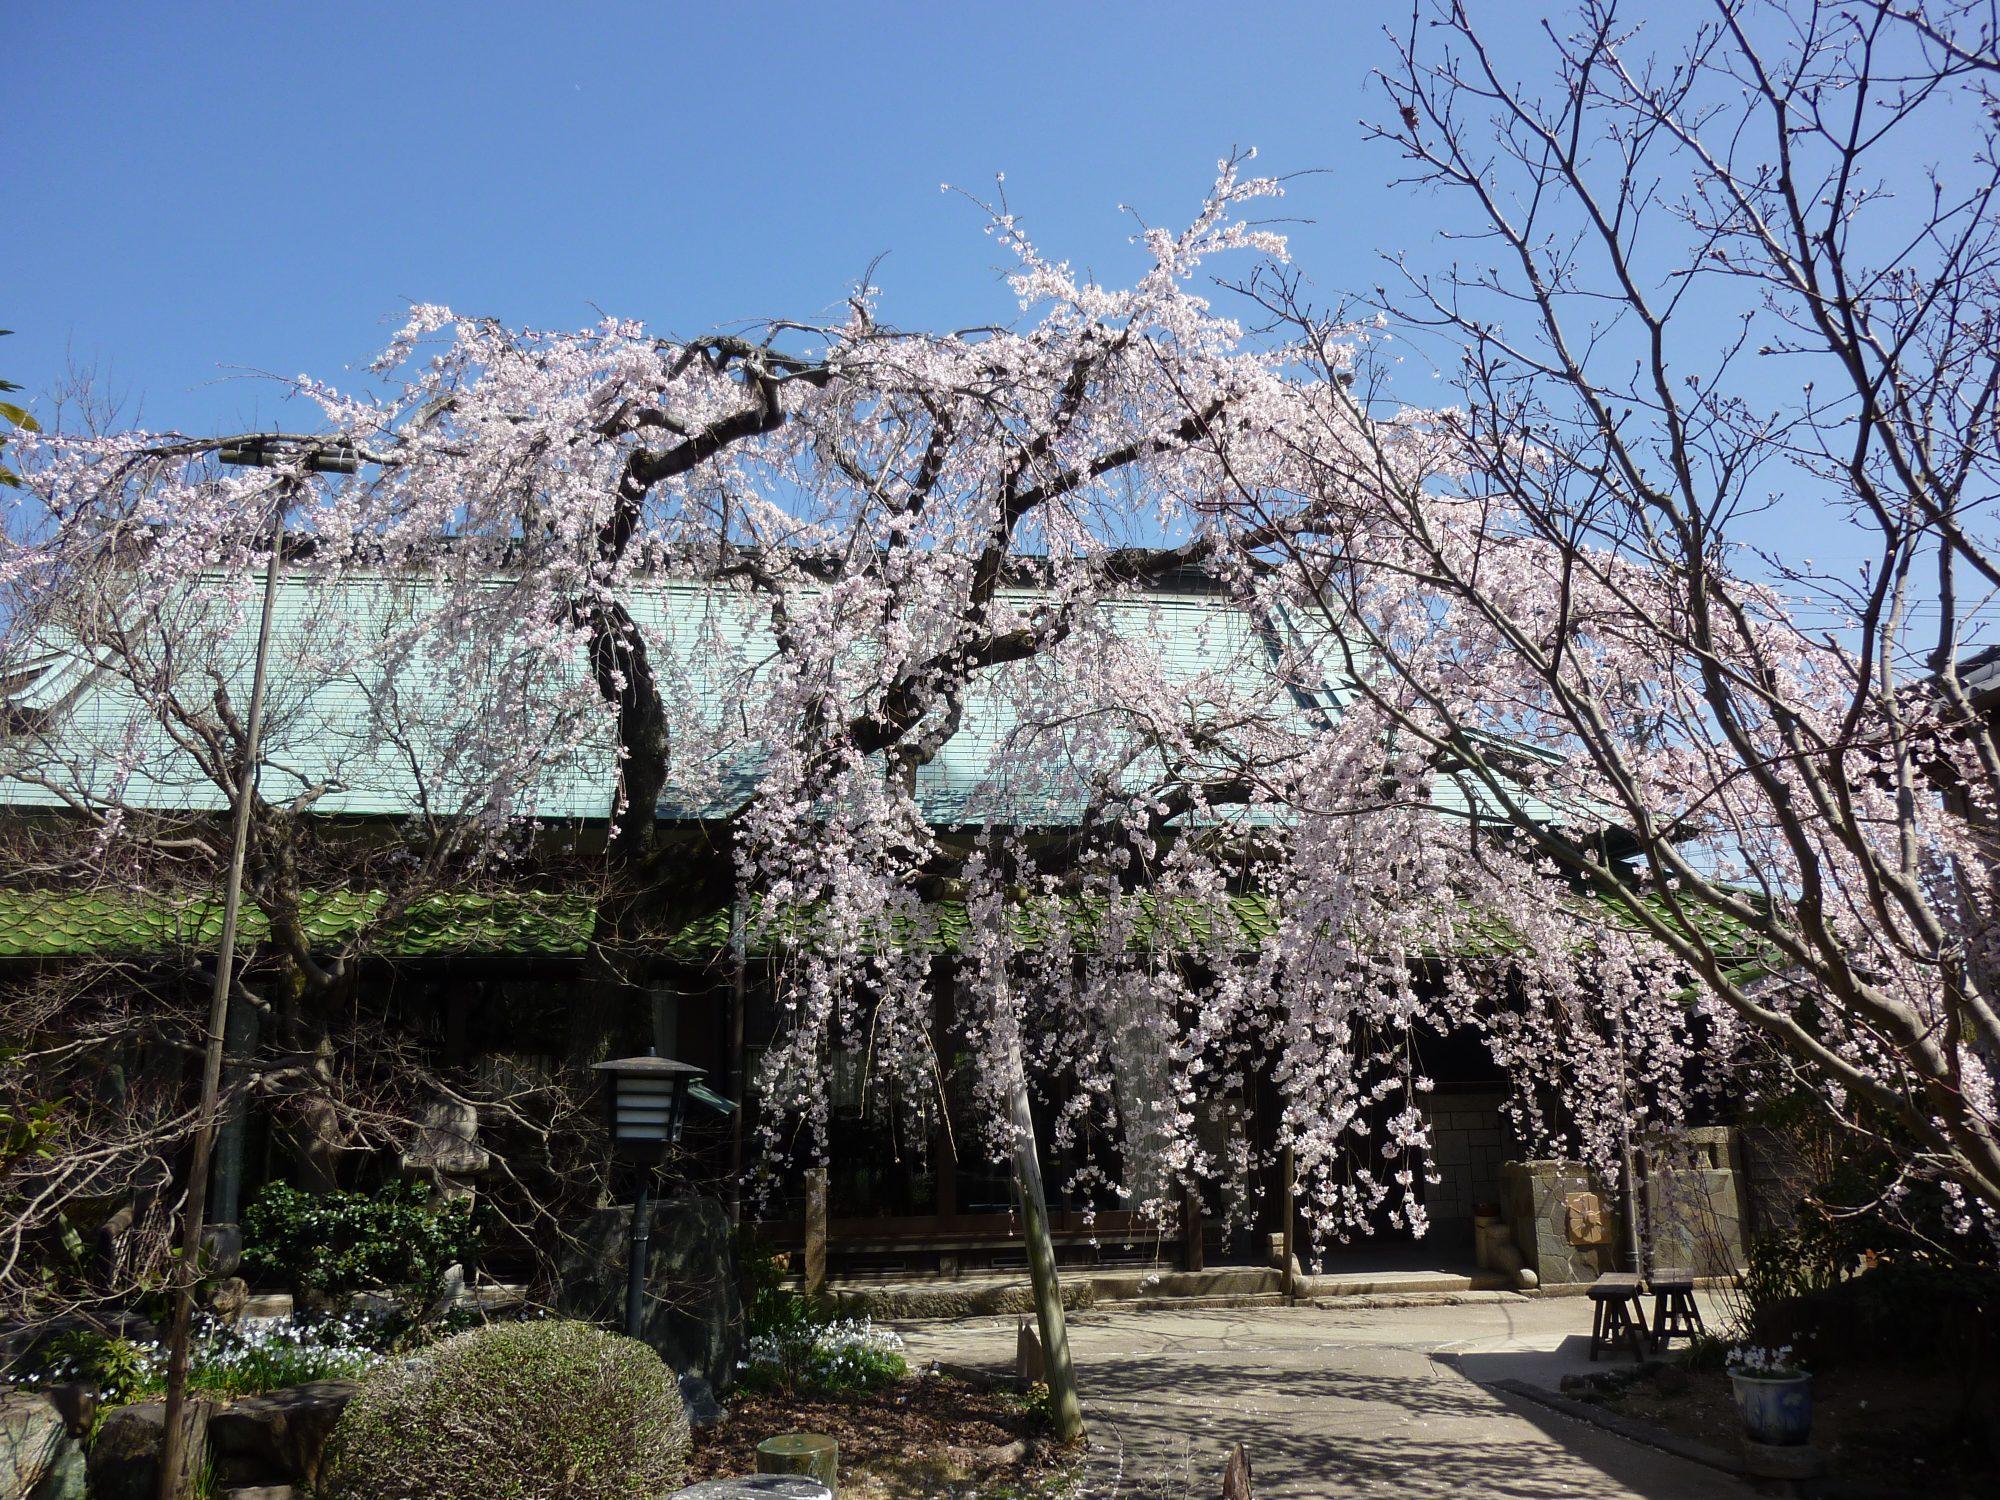 岡崎の家族結婚式ならここ!四季を感じる「しょうやの杜」の会場レポート